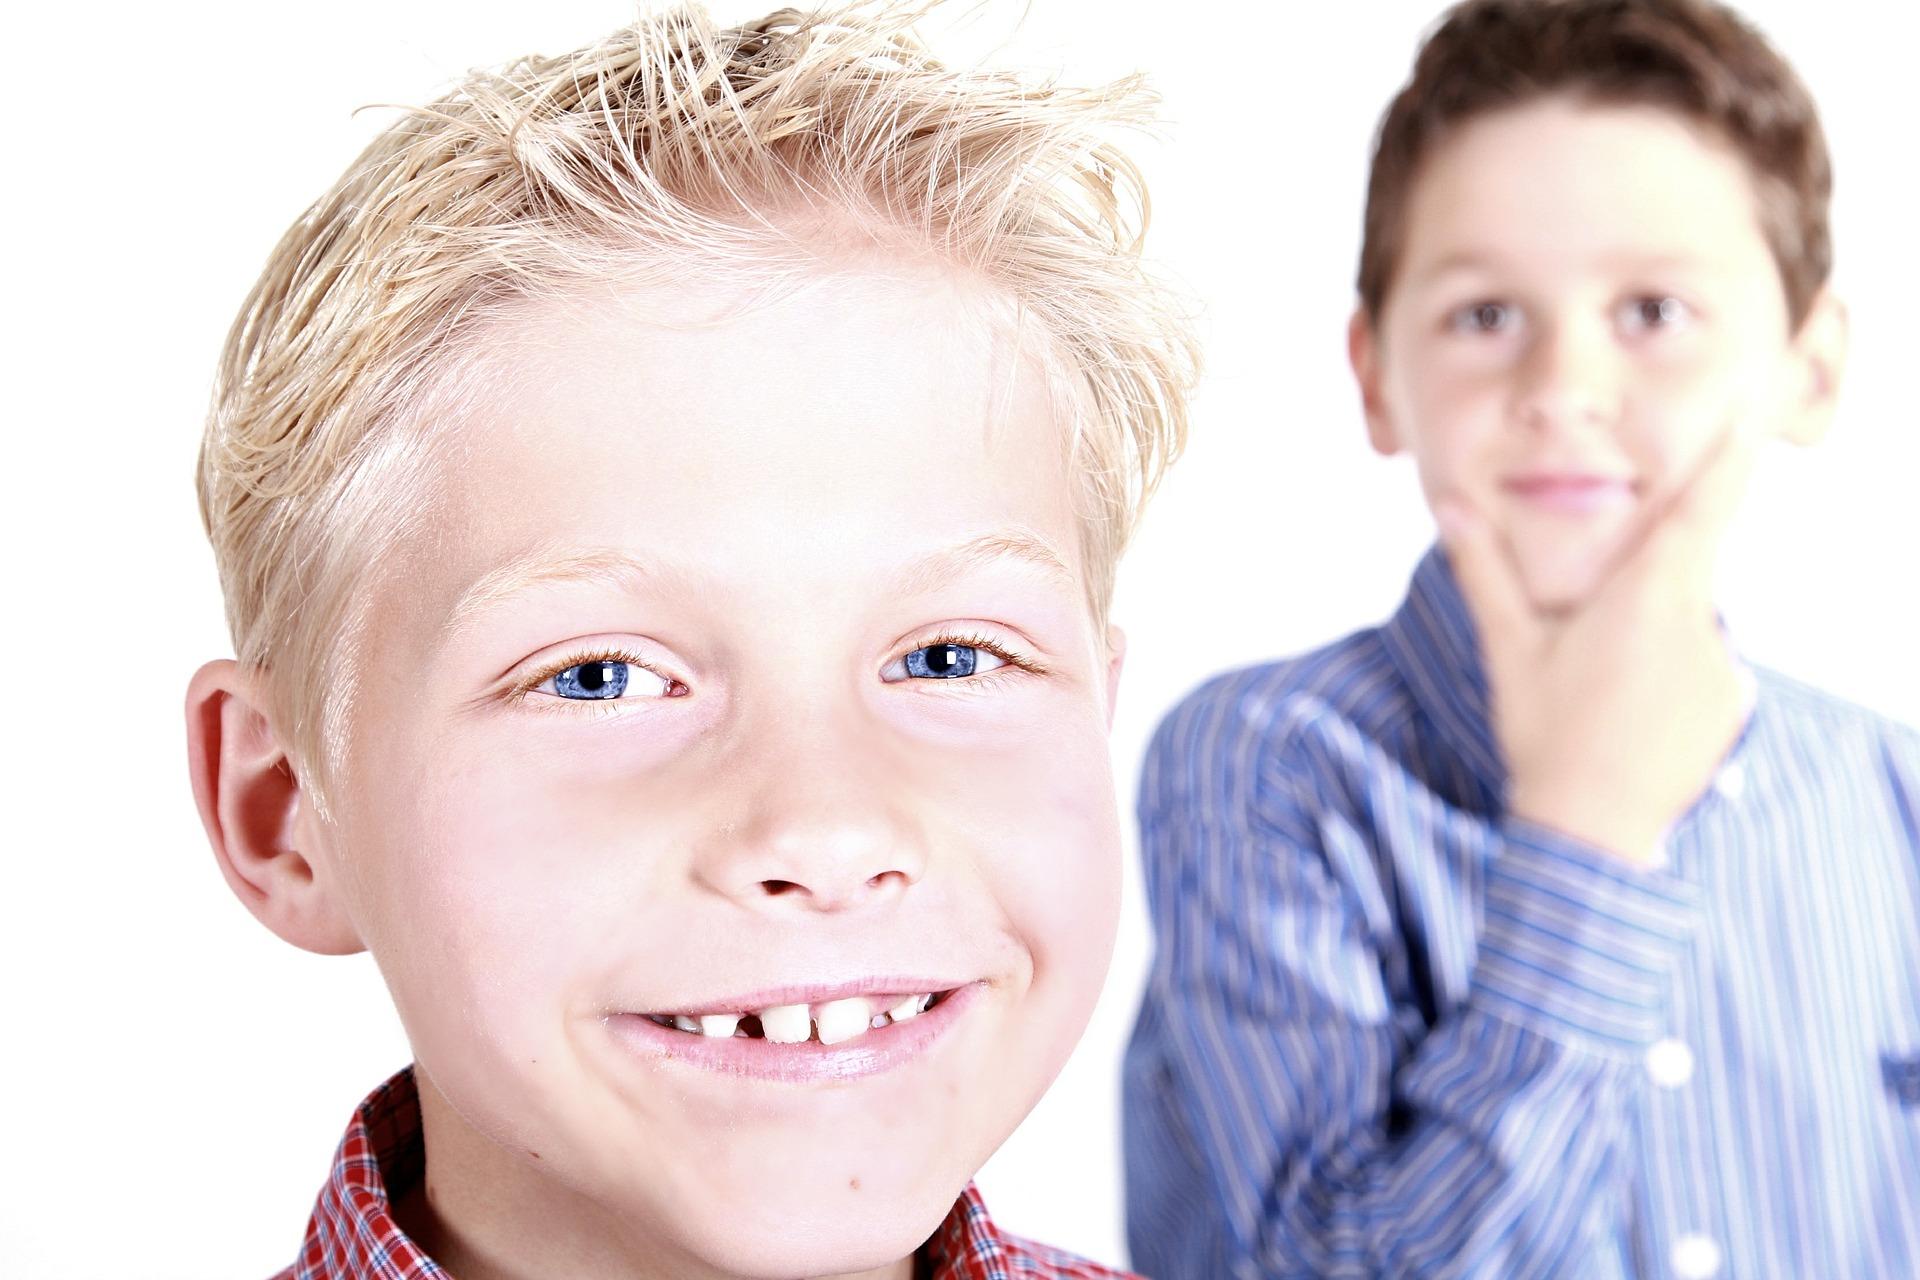 Nye metoder for å bedre forstå, diagnostisere og predikere dysleksi